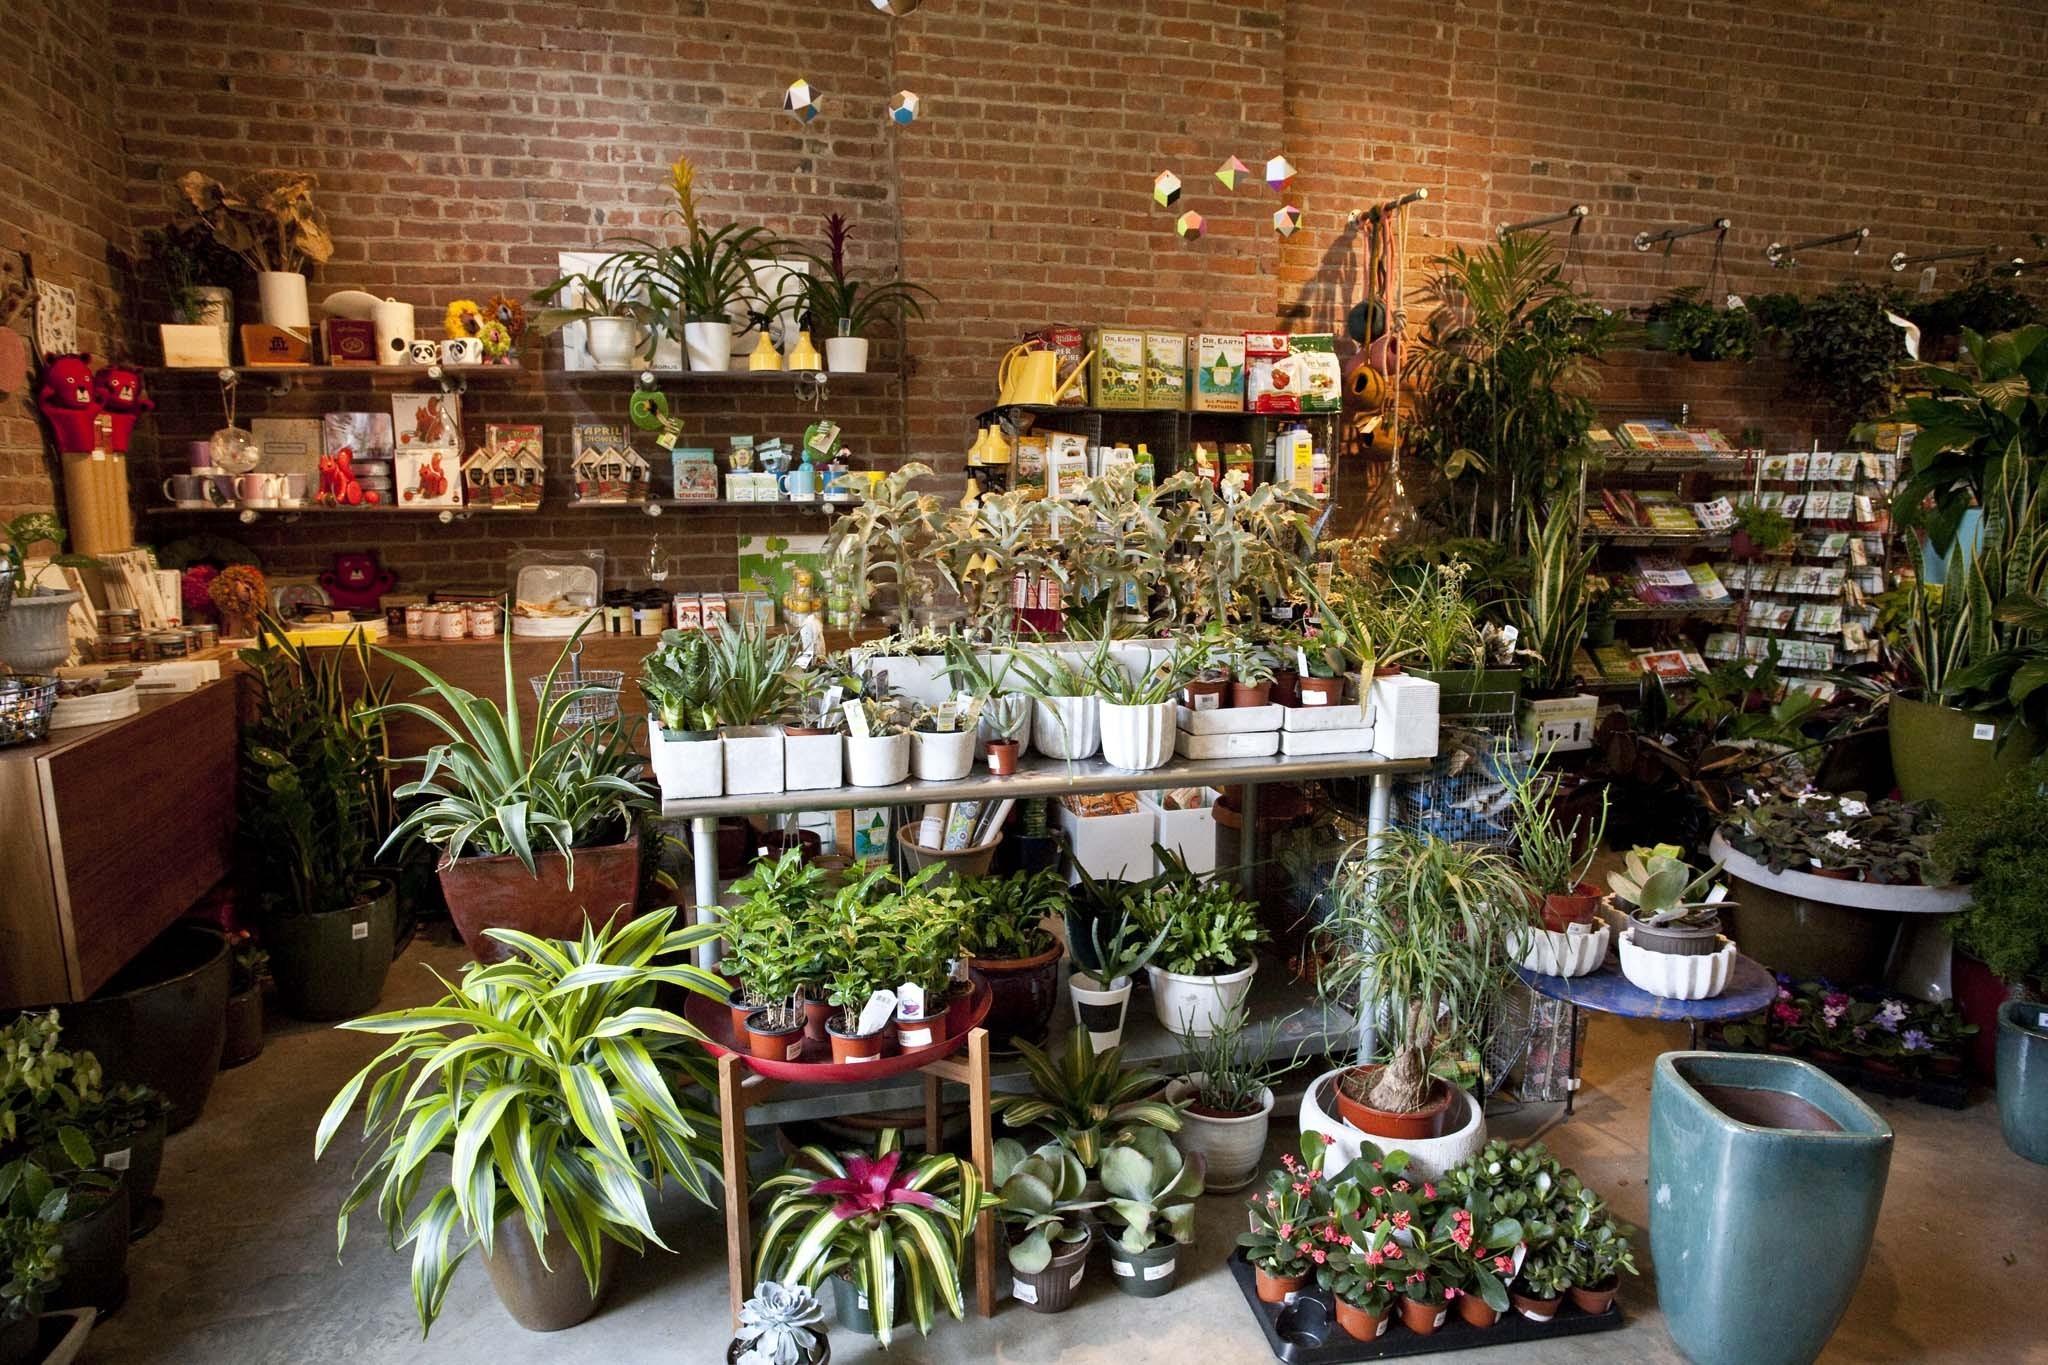 Магазин цветов у ботанического сада ассортимент, свадьбу спб